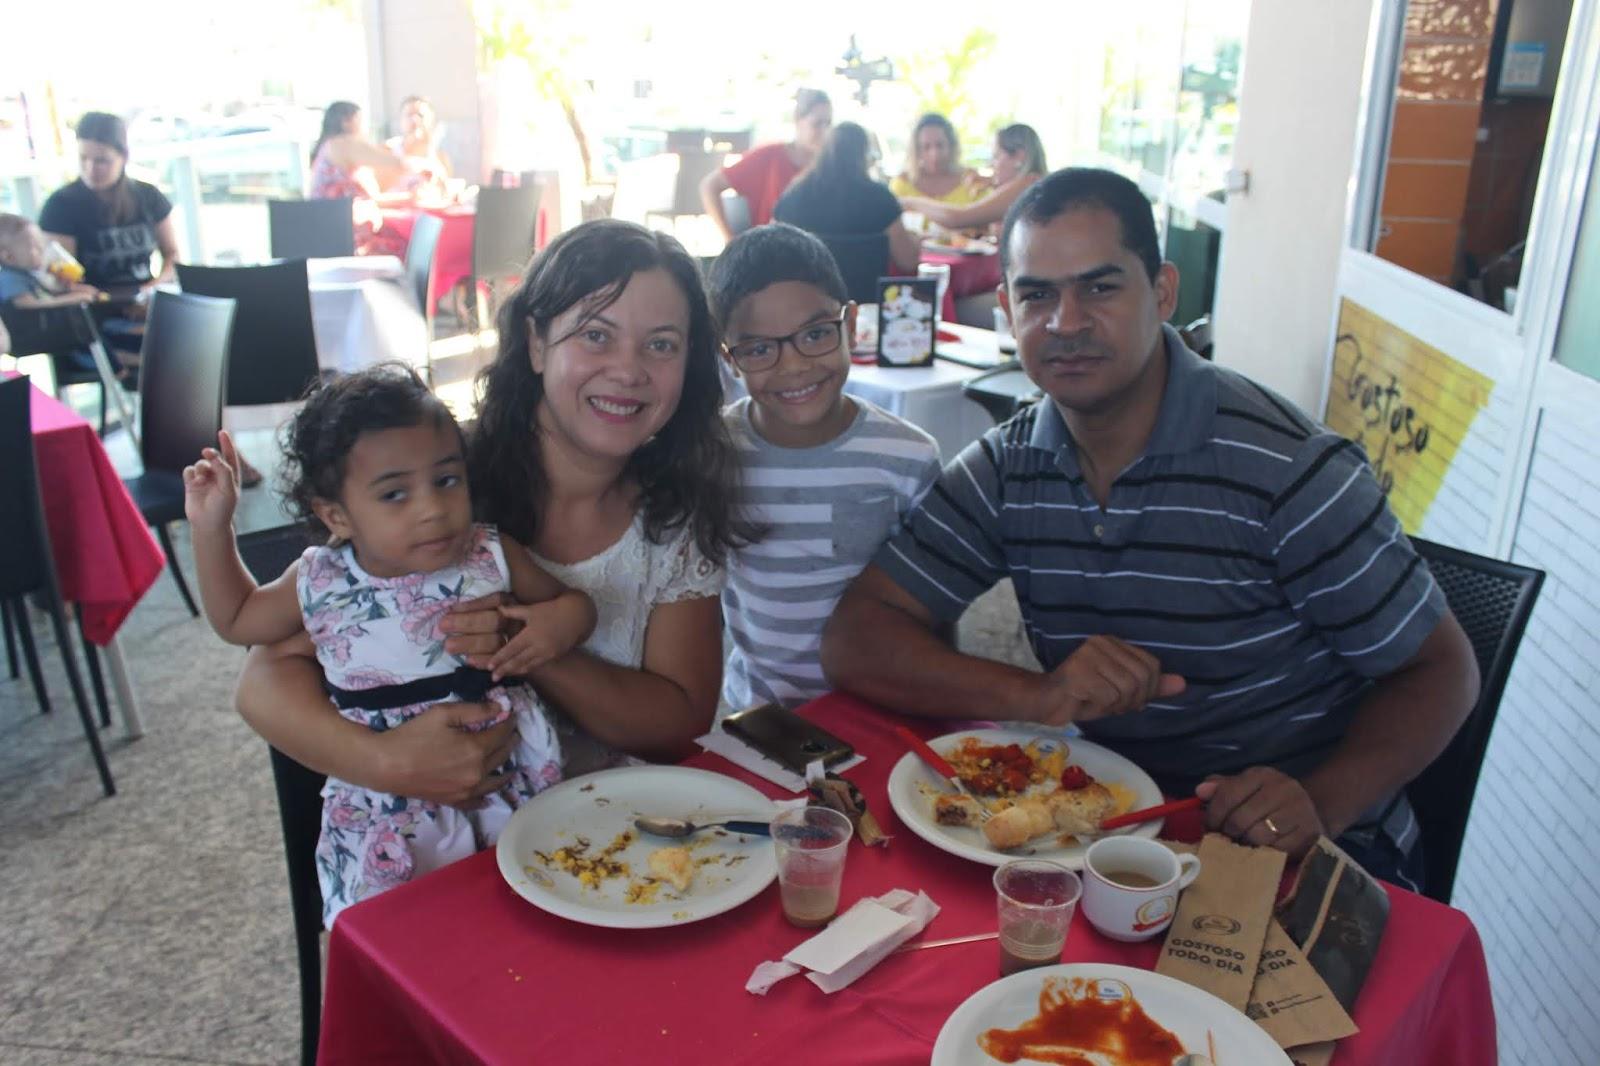 IMG 3634 - Dia 12 de maio dia das Mães no Jardins Mangueiral foi com muta diverção e alegria com um lindo café da manha